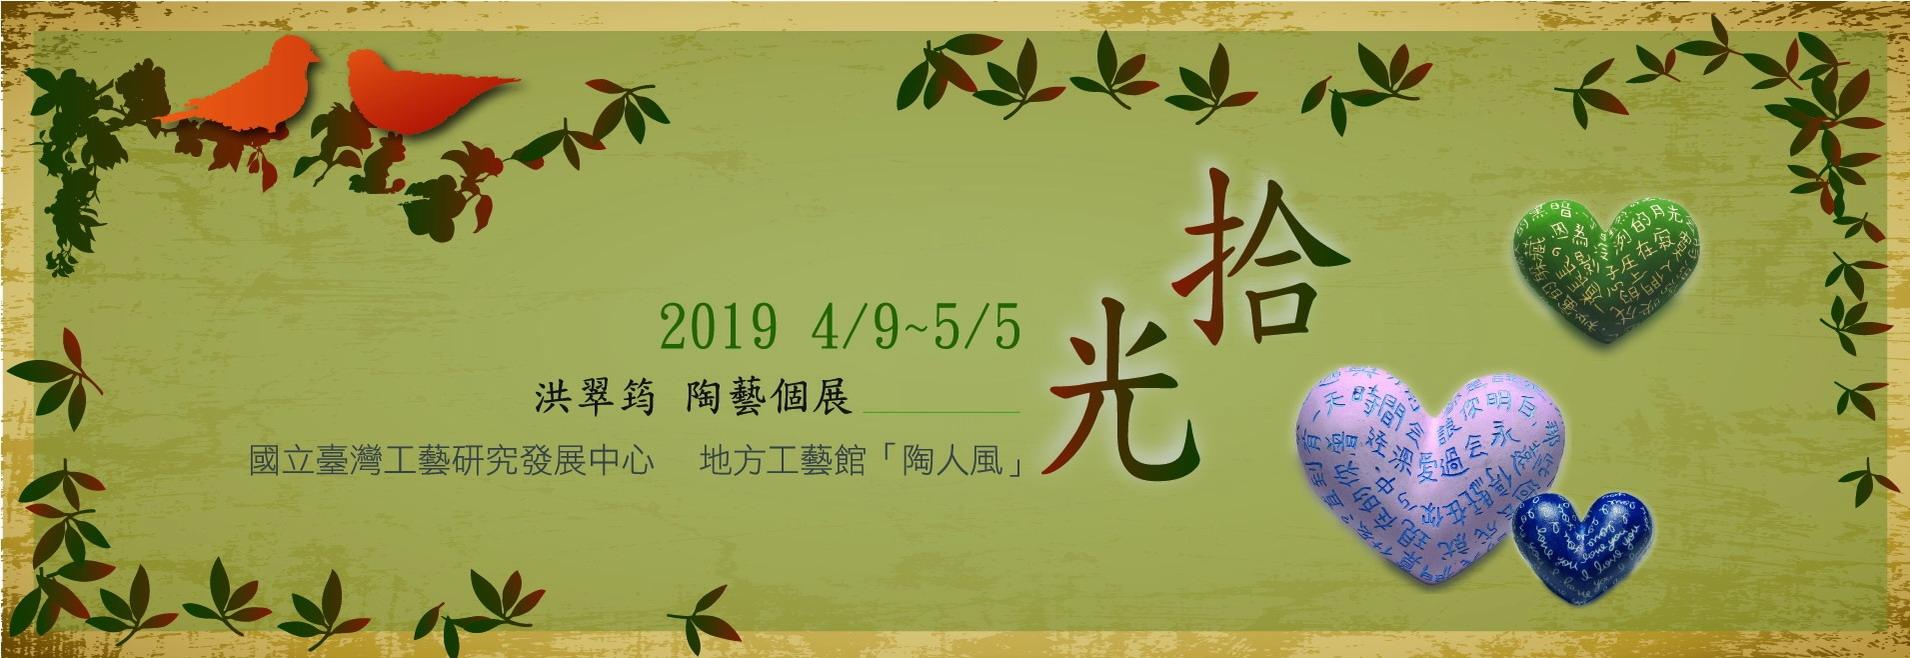 拾光-洪翠筠陶藝個展[另開新視窗]